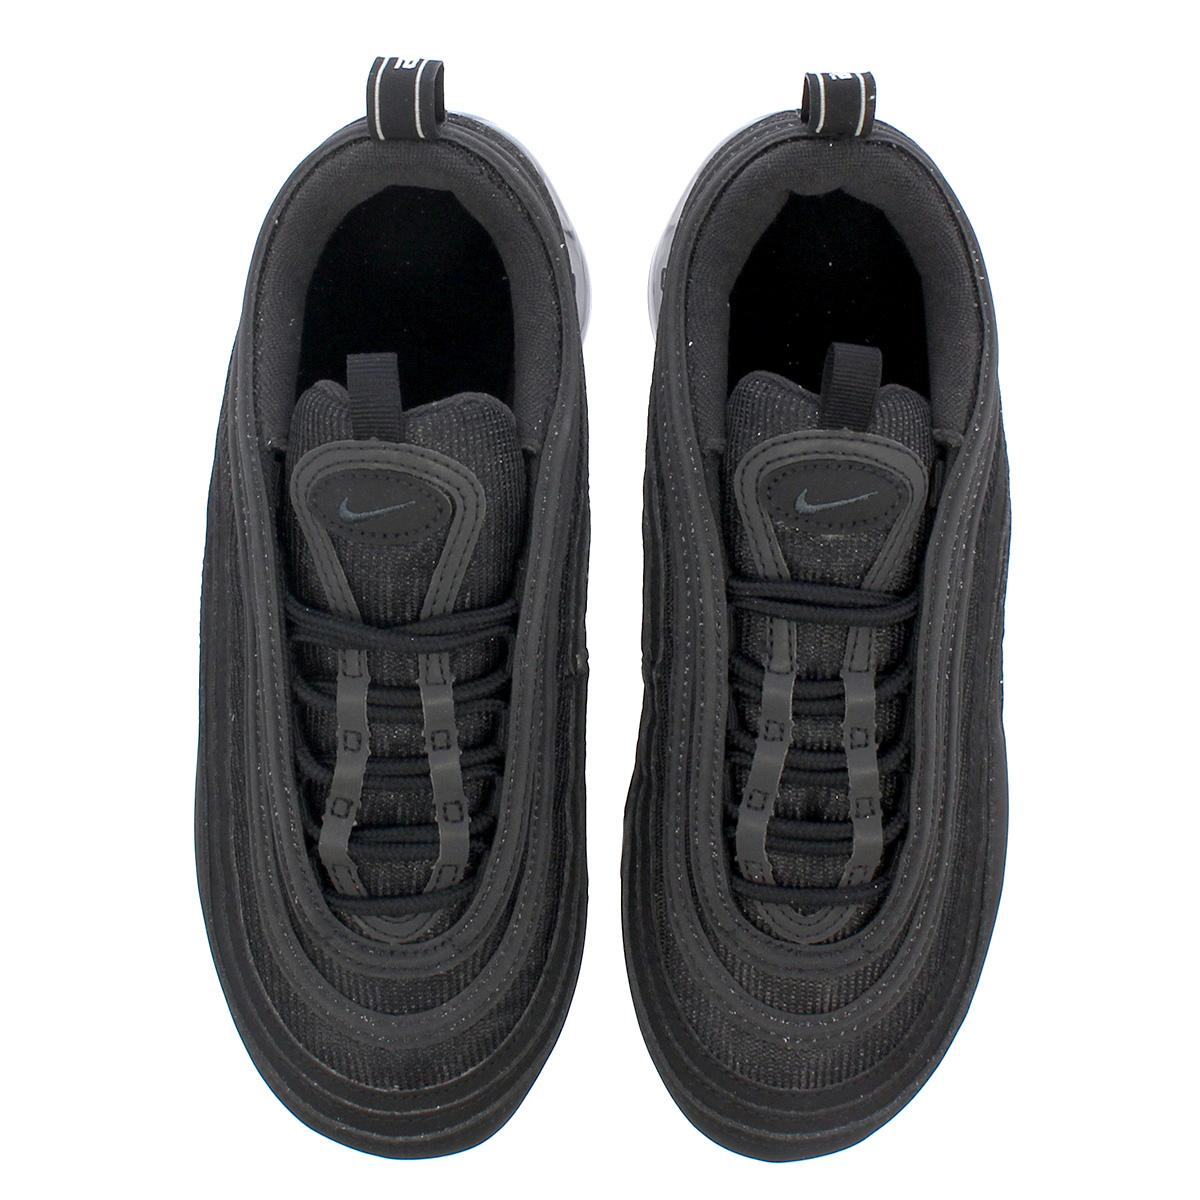 NIKE AIR VAPORMAX 97 GS Nike air vapor max 97 GS BLACKBLACK aq2657 001